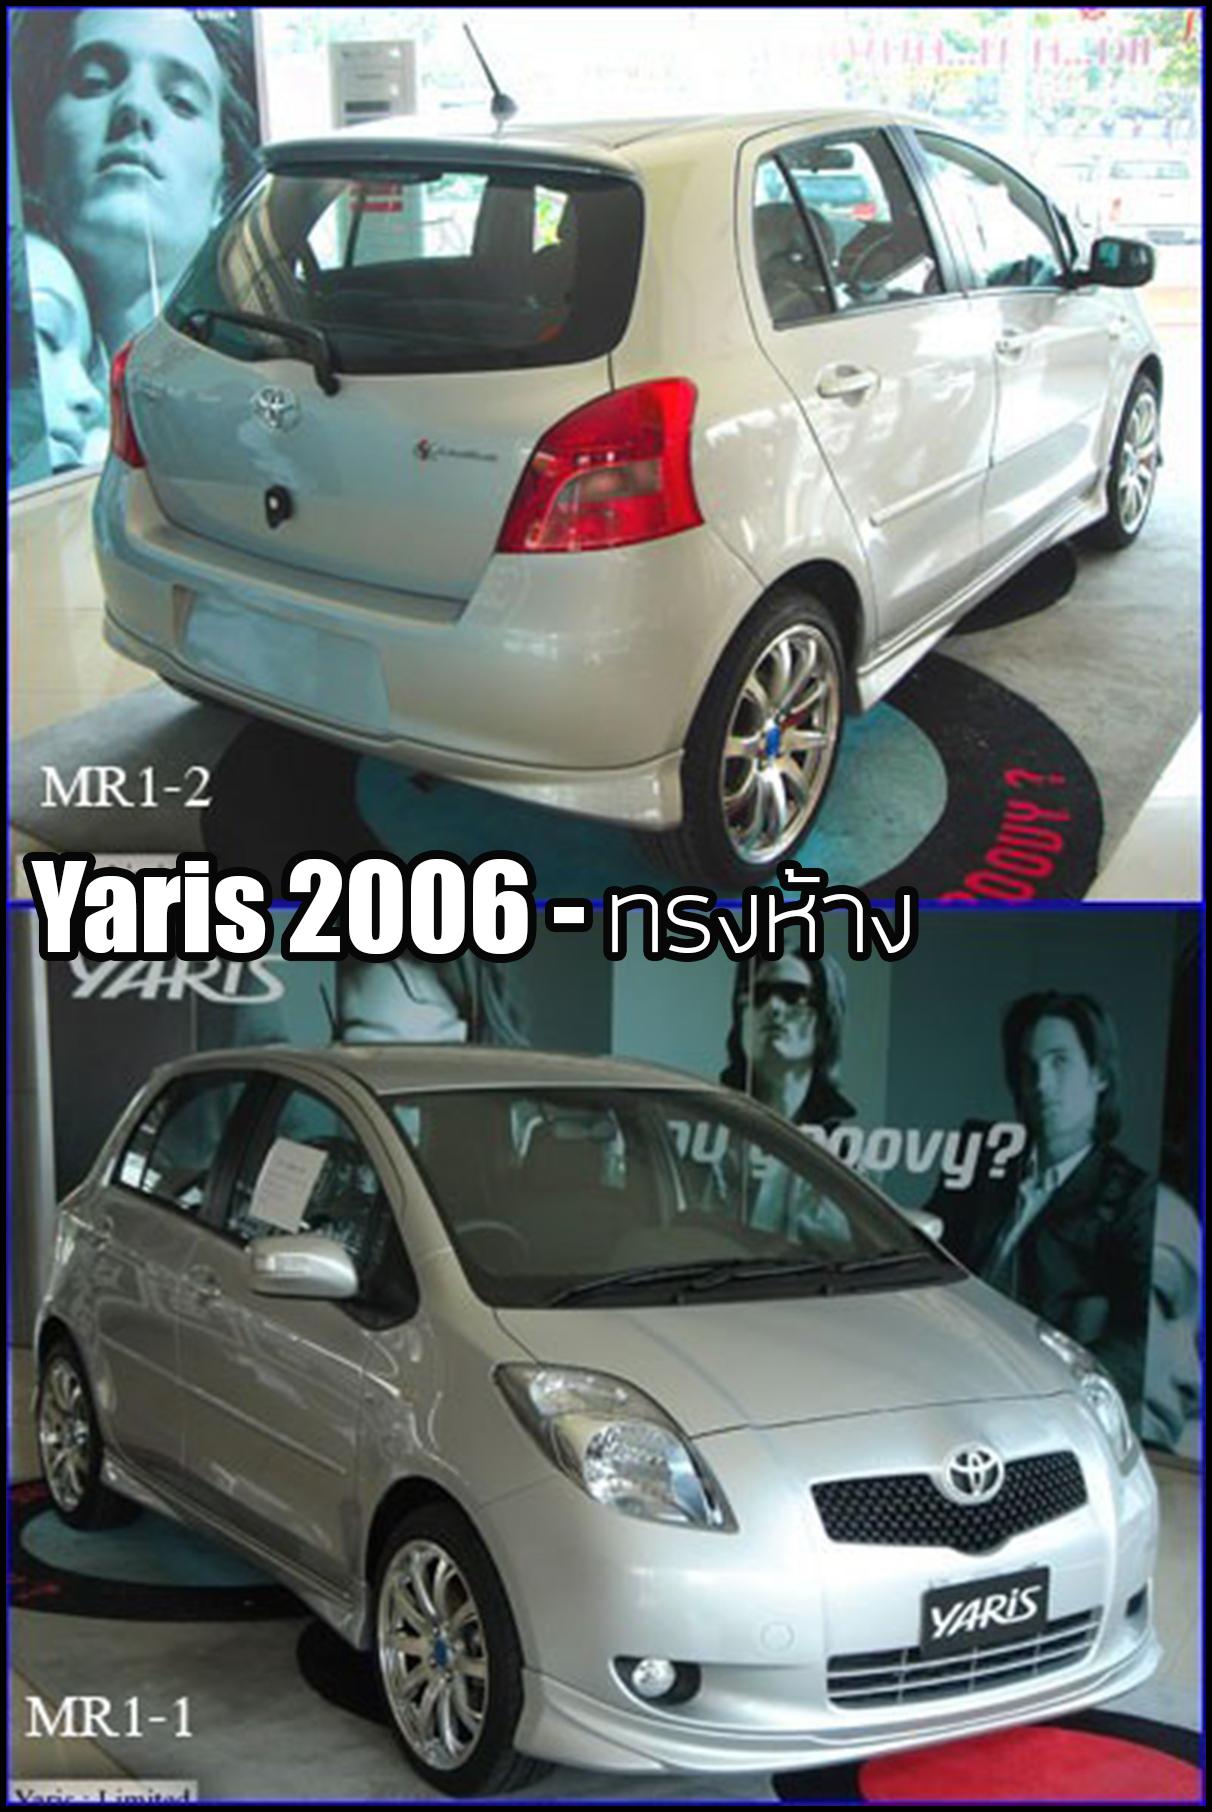 Yaris 2006 ทรงศูนย์